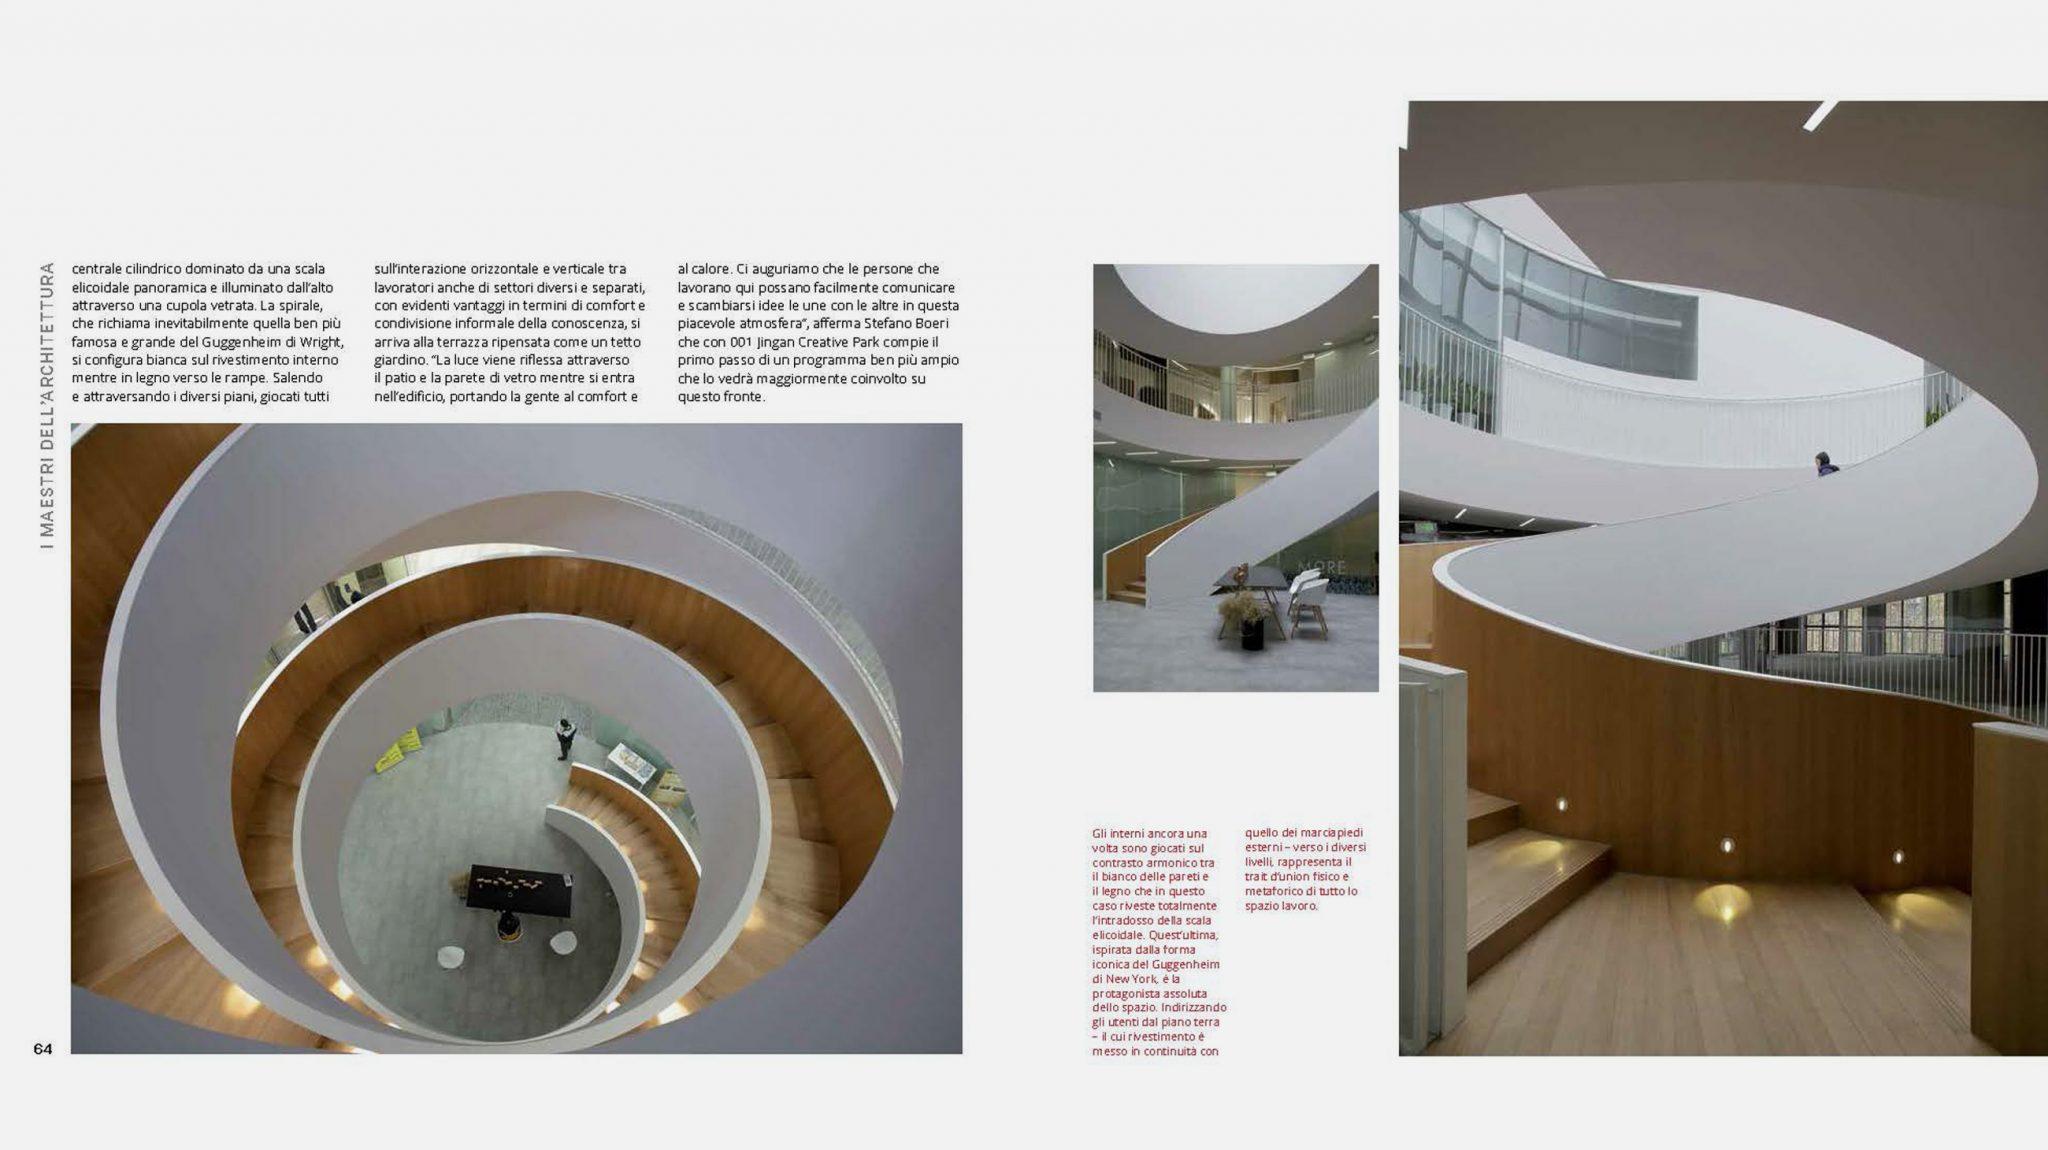 Atmosfera D Interni Roma.Publications Archivi Stefano Boeri Architetti